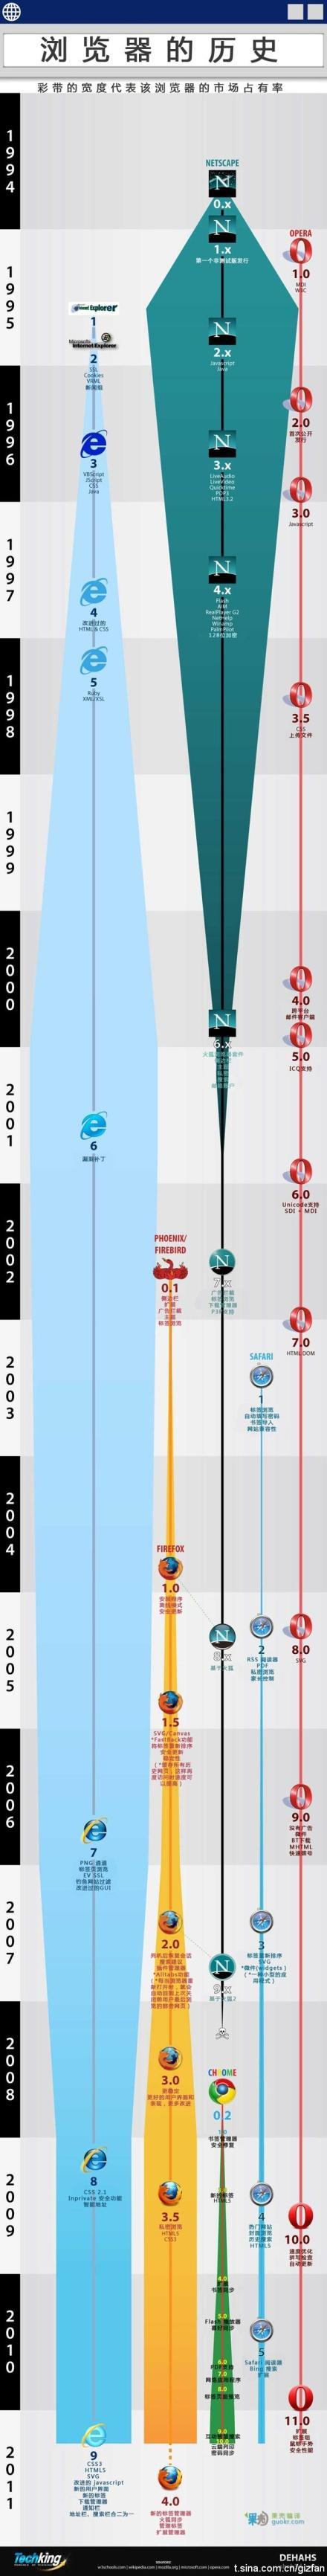 網路瀏覽器的發展史!!